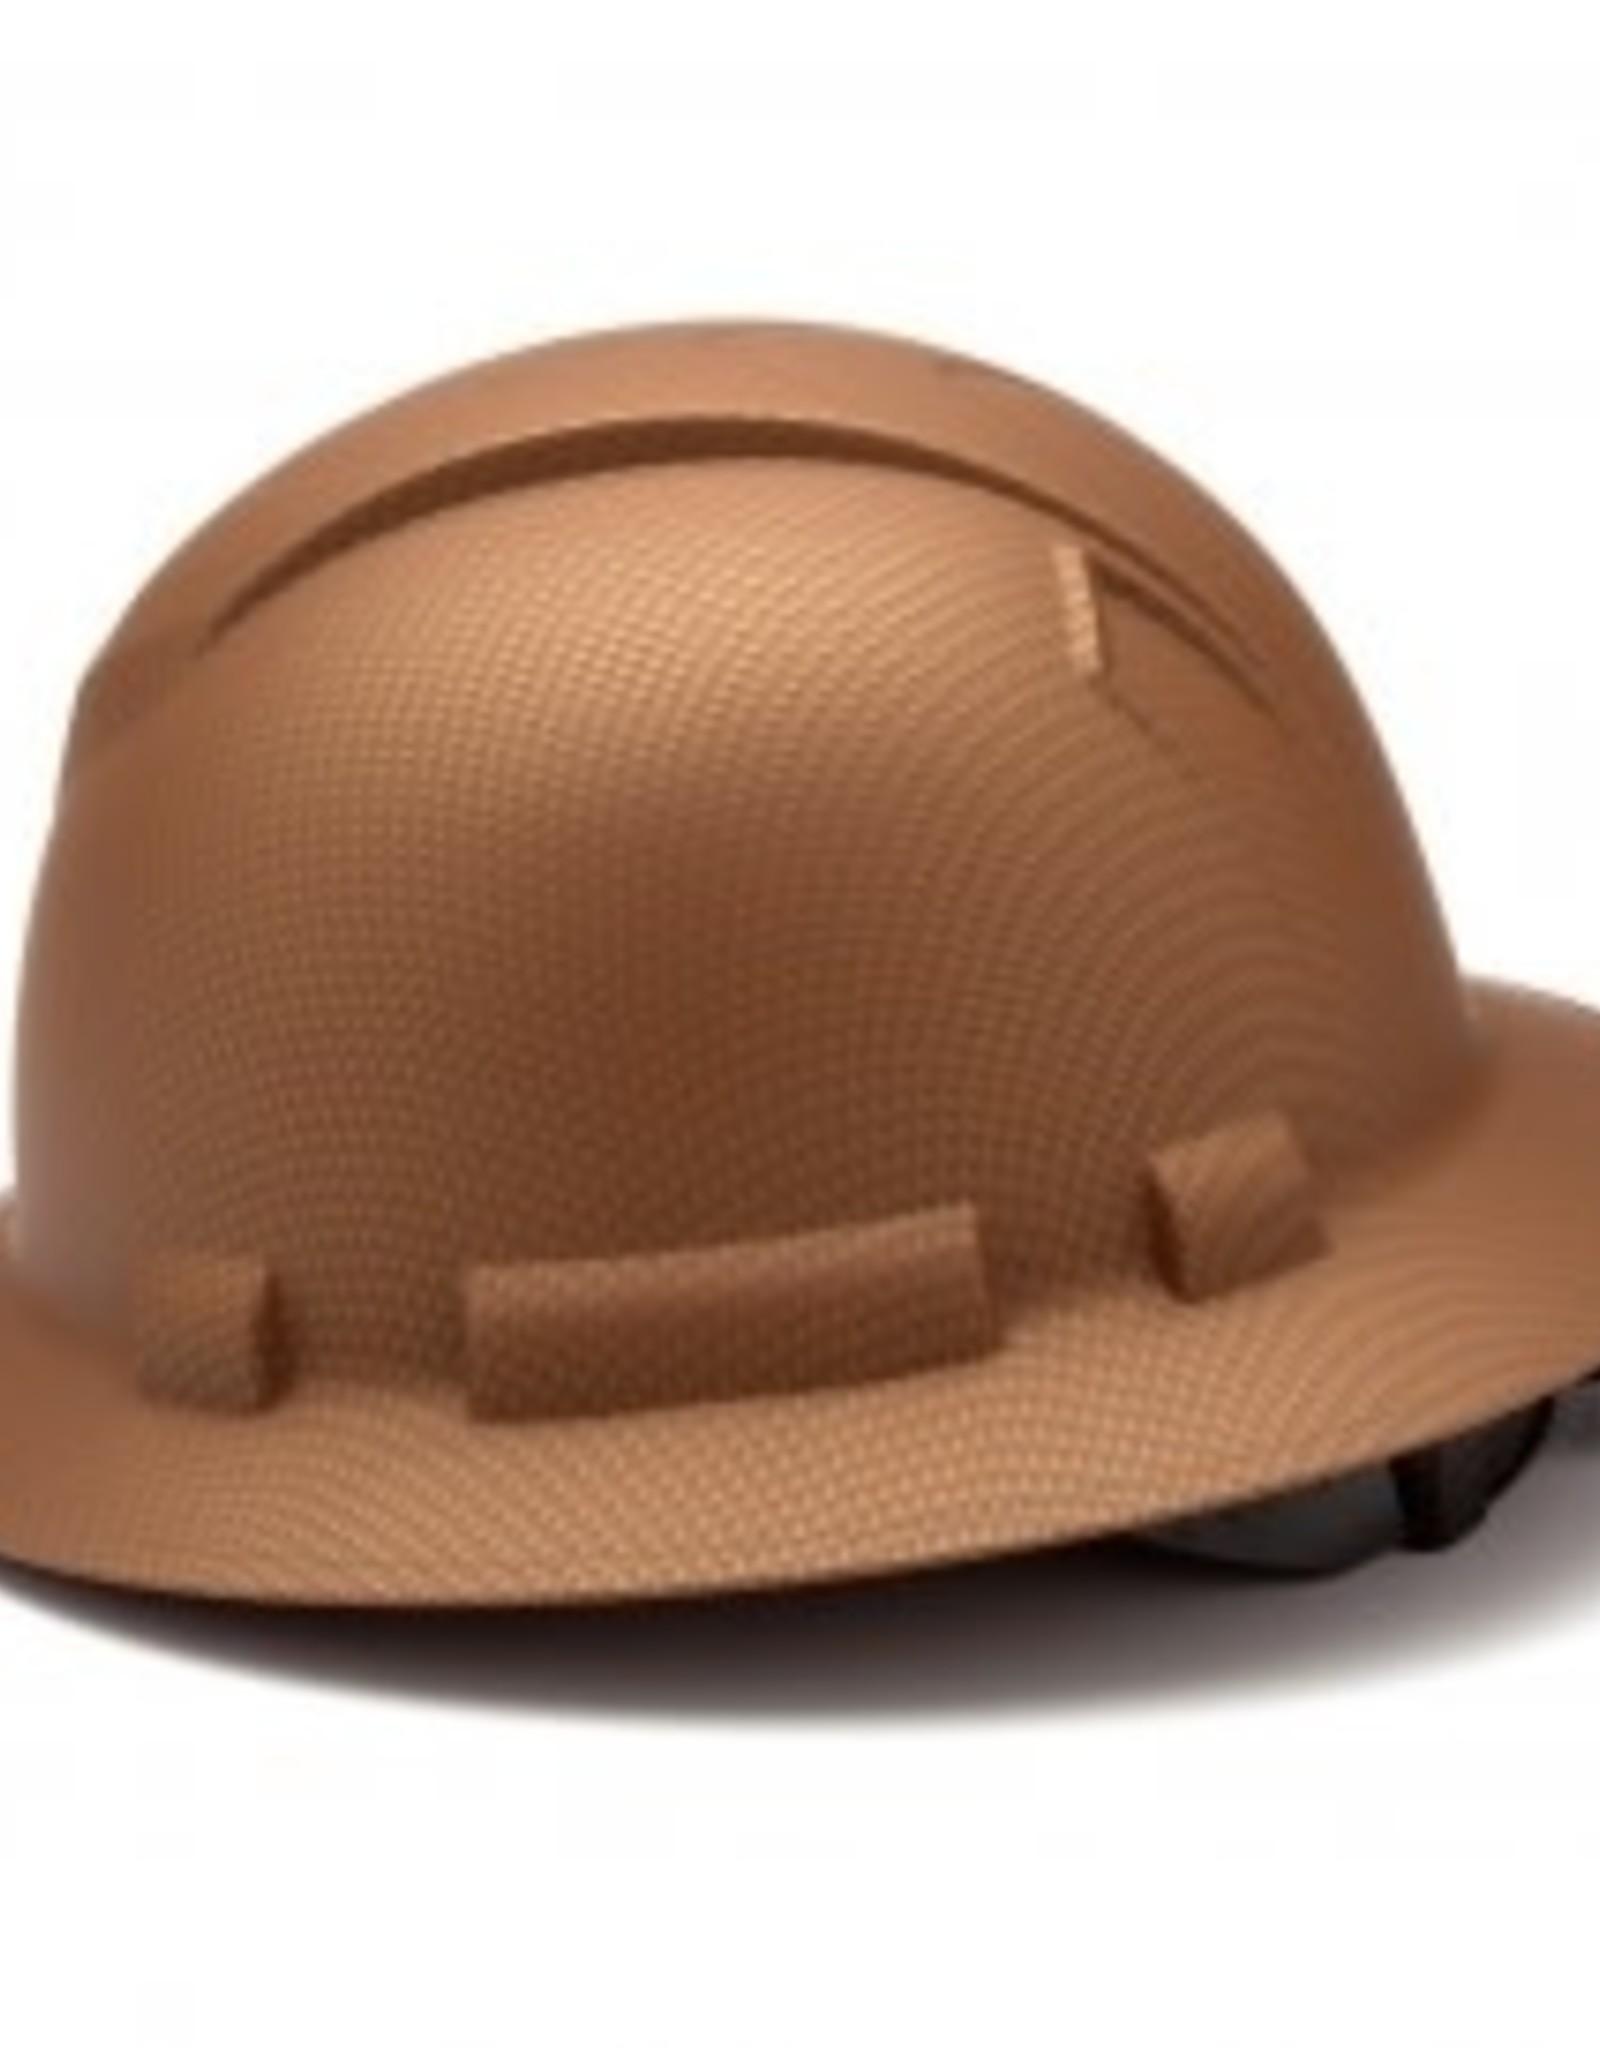 Pyramex Ridgeline Full Brim Hard Hat - 4 Point Ratchet Matte Copper Graphite Pattern